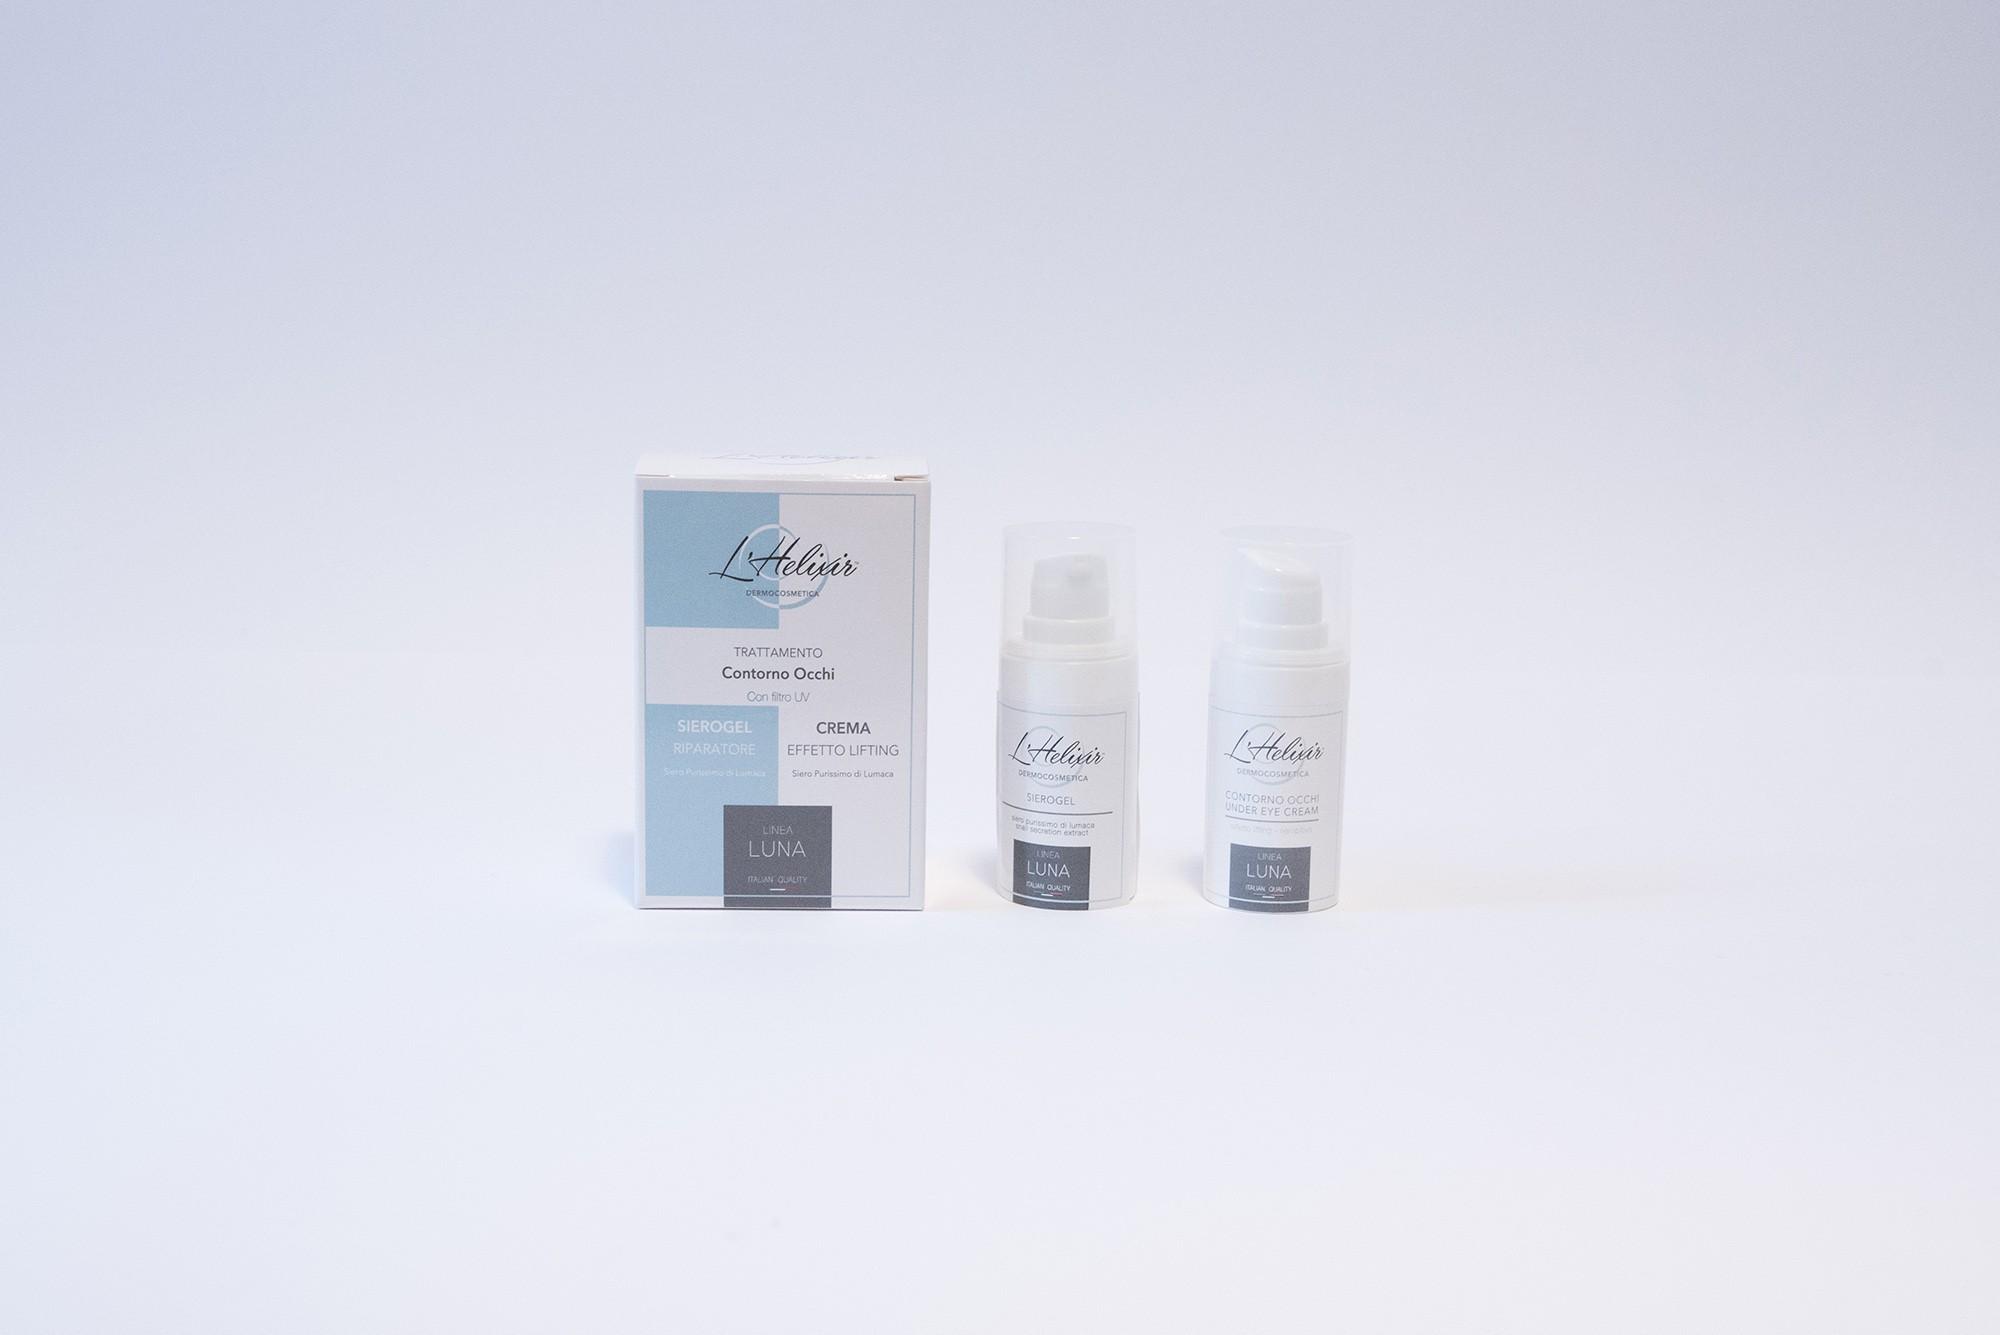 Trattamento Contorno Occhi - 2X15 ml - L'Helixir